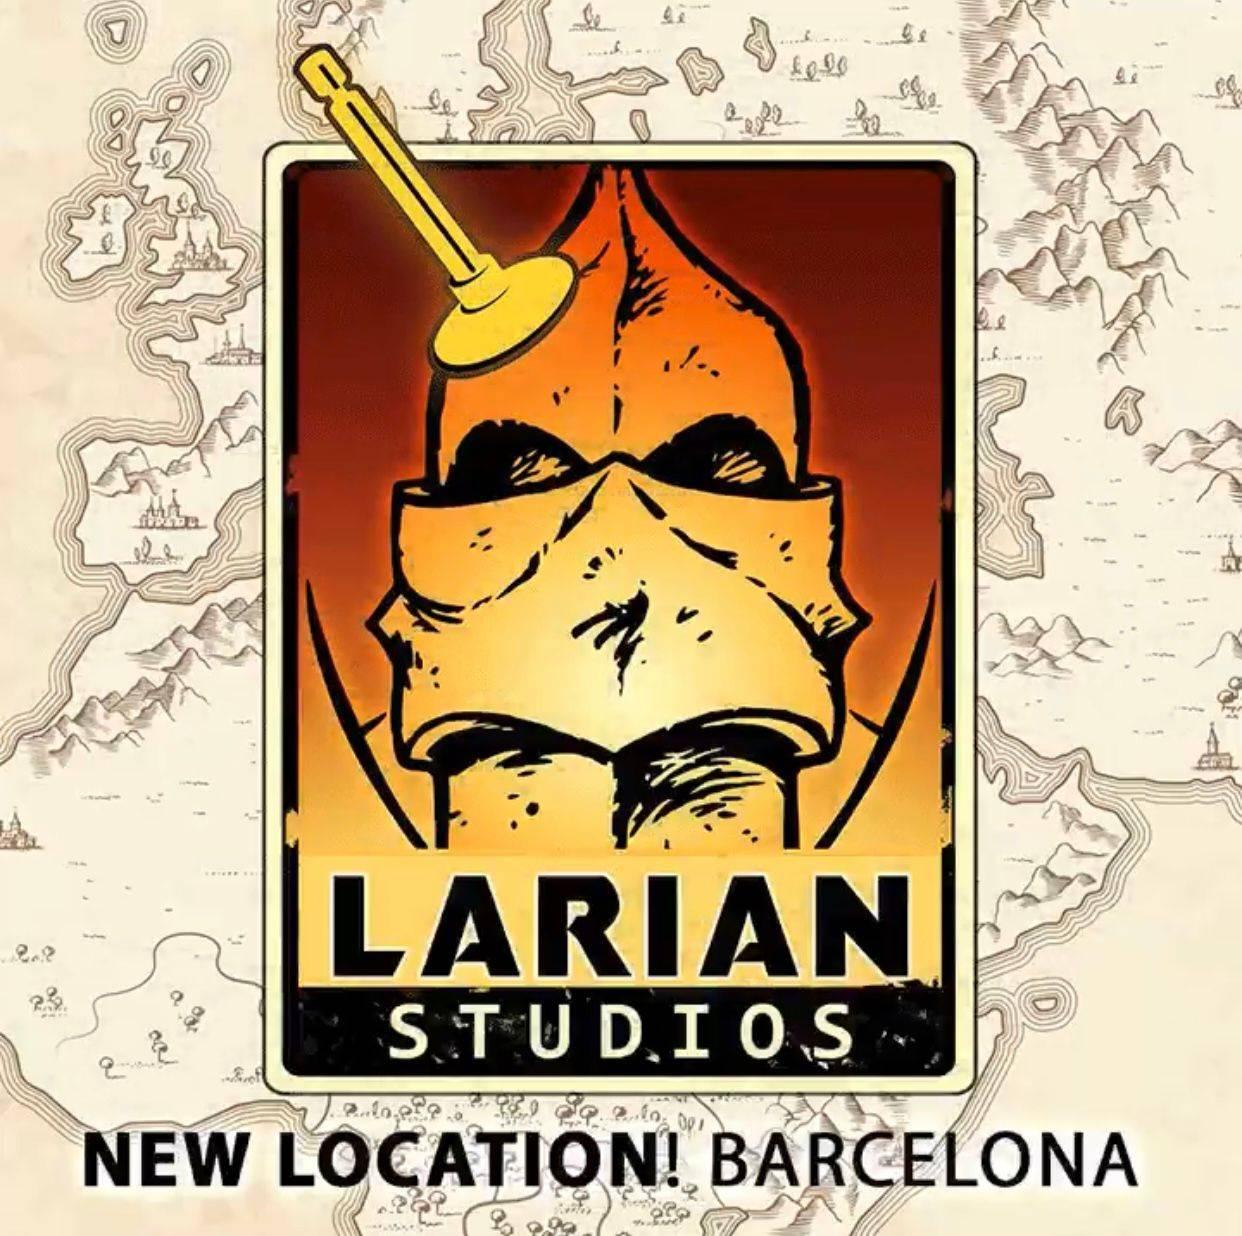 《博德之门 3》开发商拉瑞安宣布 成立巴塞罗那工作室 游戏资讯 第1张